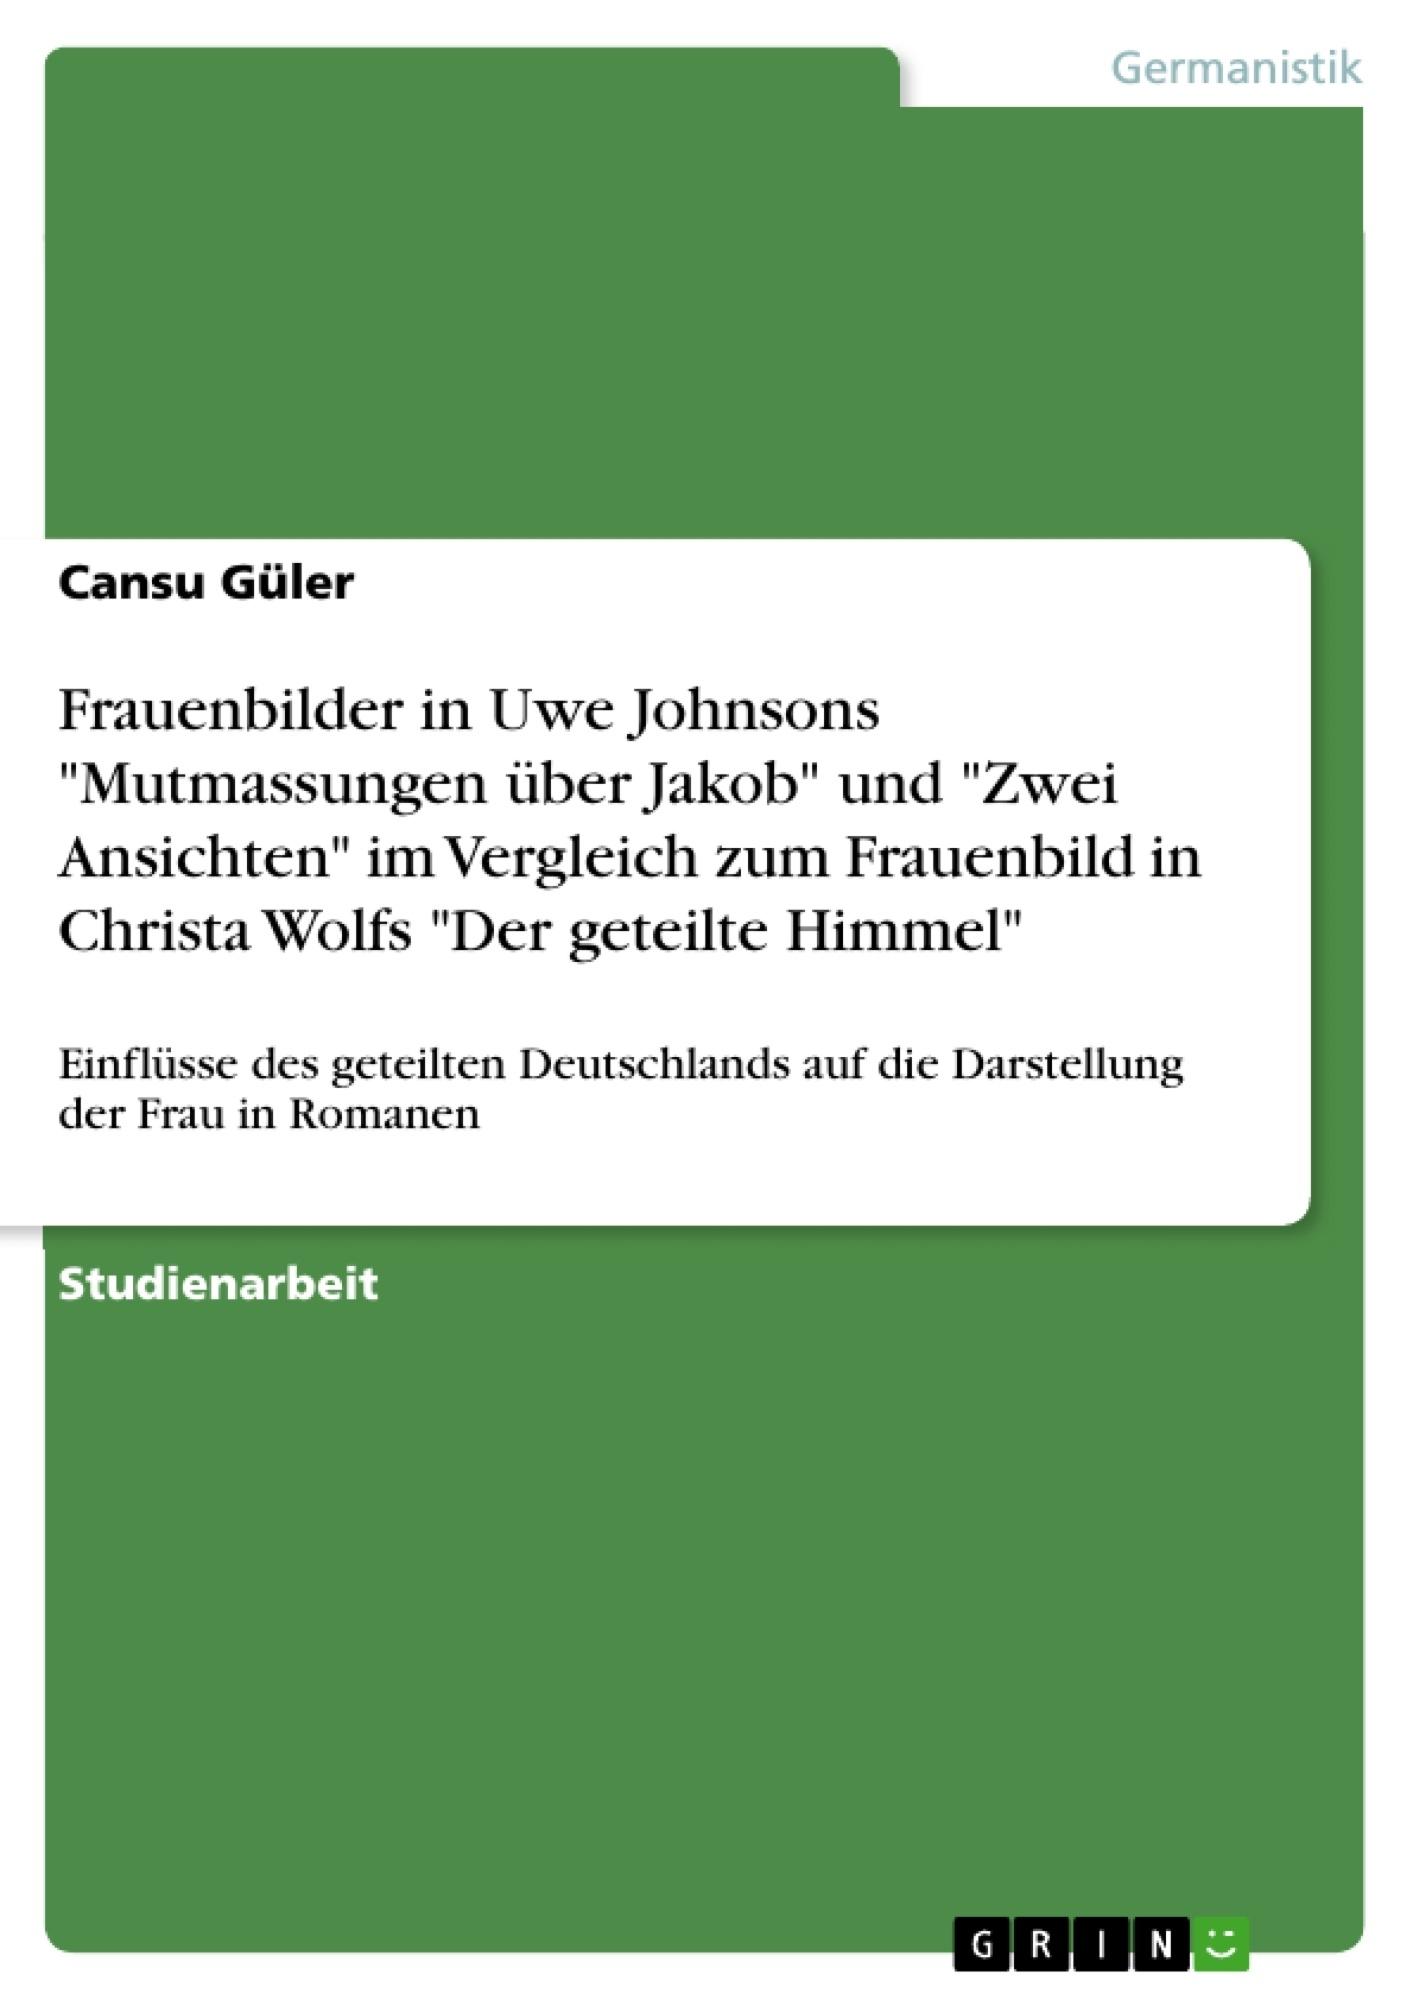 """Titel: Frauenbilder in Uwe Johnsons """"Mutmassungen über Jakob"""" und """"Zwei Ansichten""""  im Vergleich zum Frauenbild in Christa Wolfs """"Der geteilte Himmel"""""""